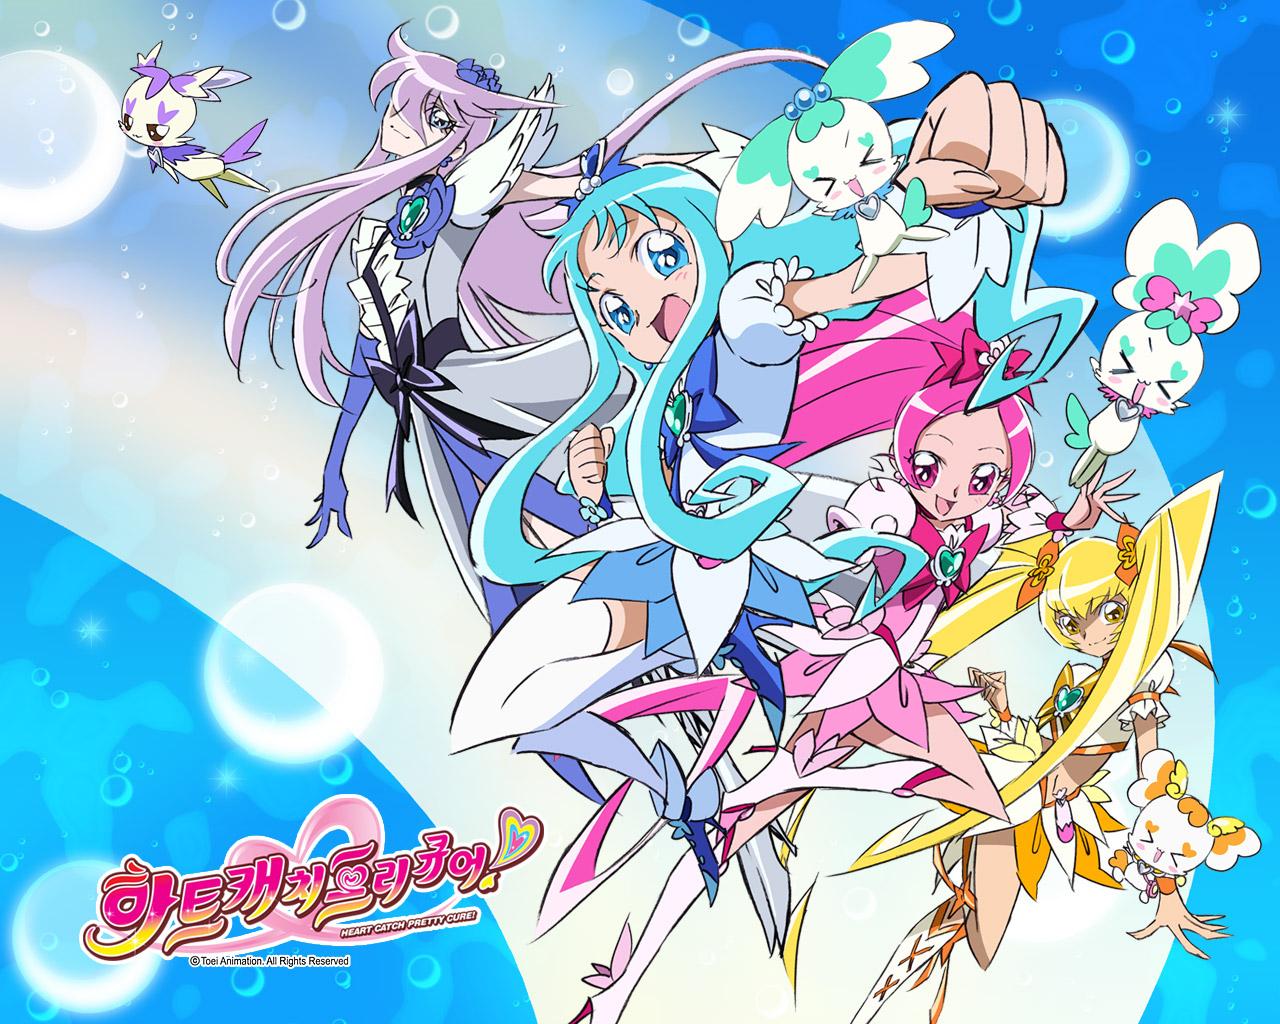 Heartcatch Precure Wallpaper 1308243 Zerochan Anime Image Board